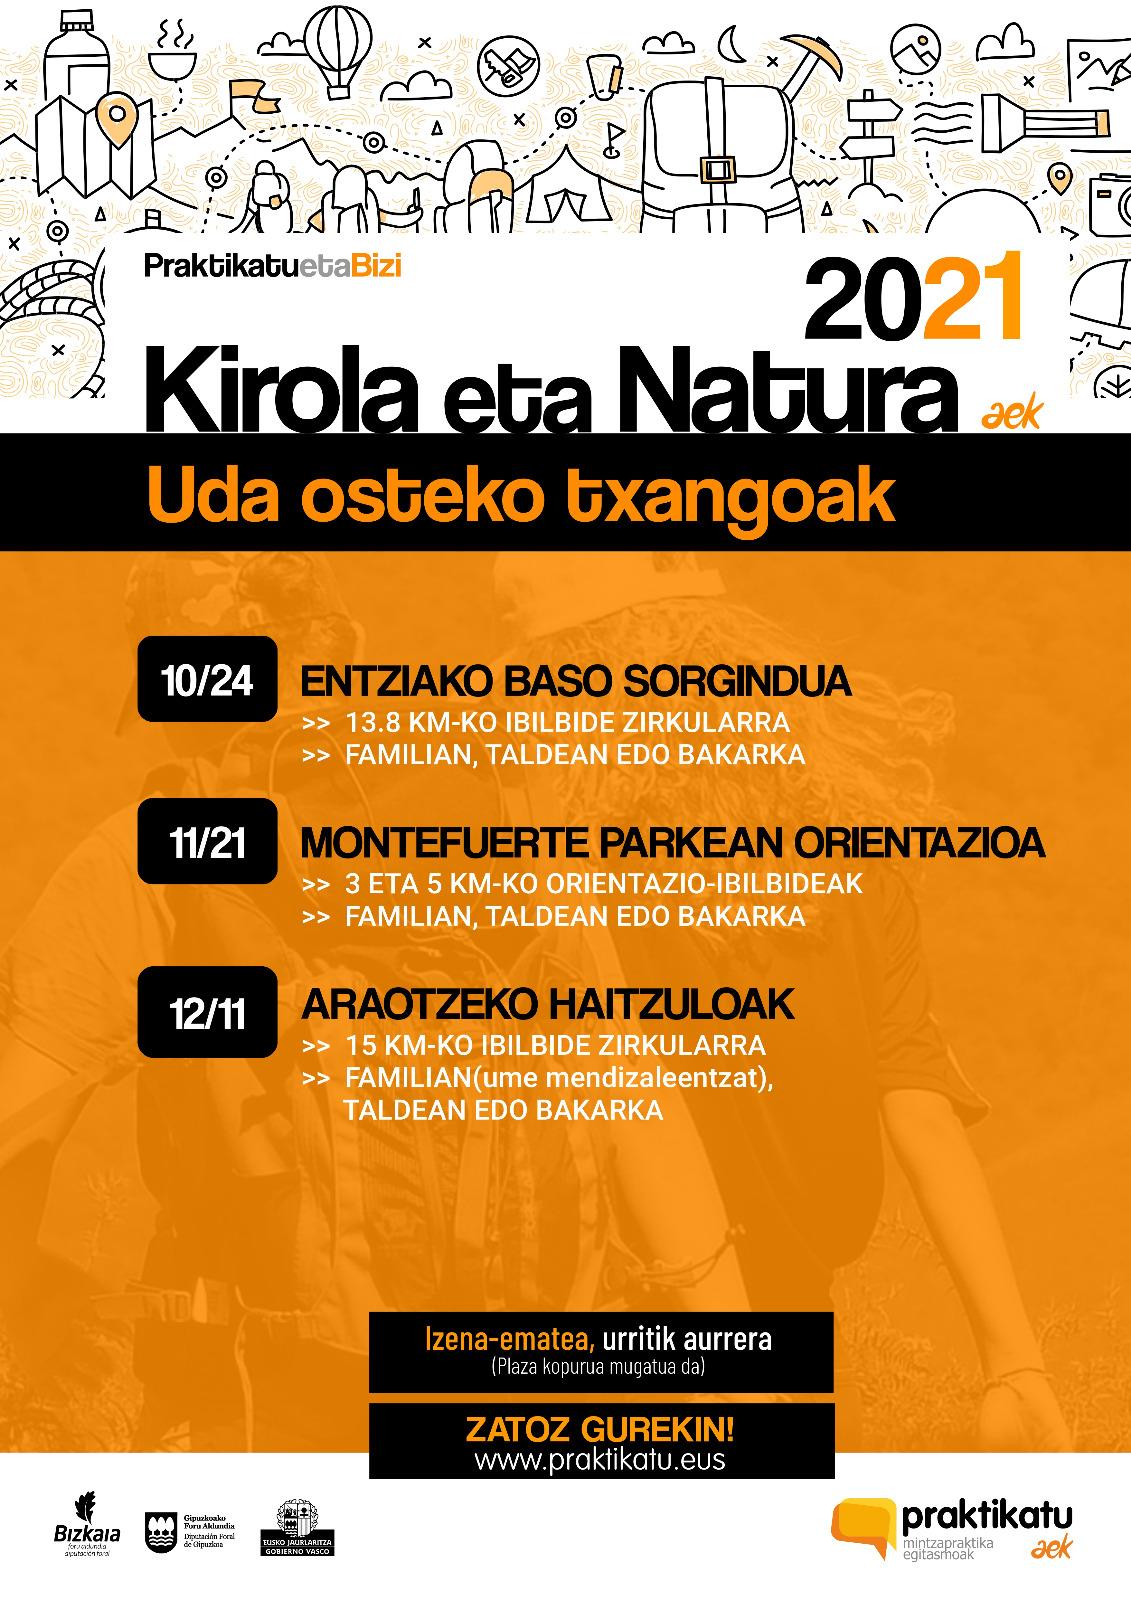 Kirola eta natura 2021